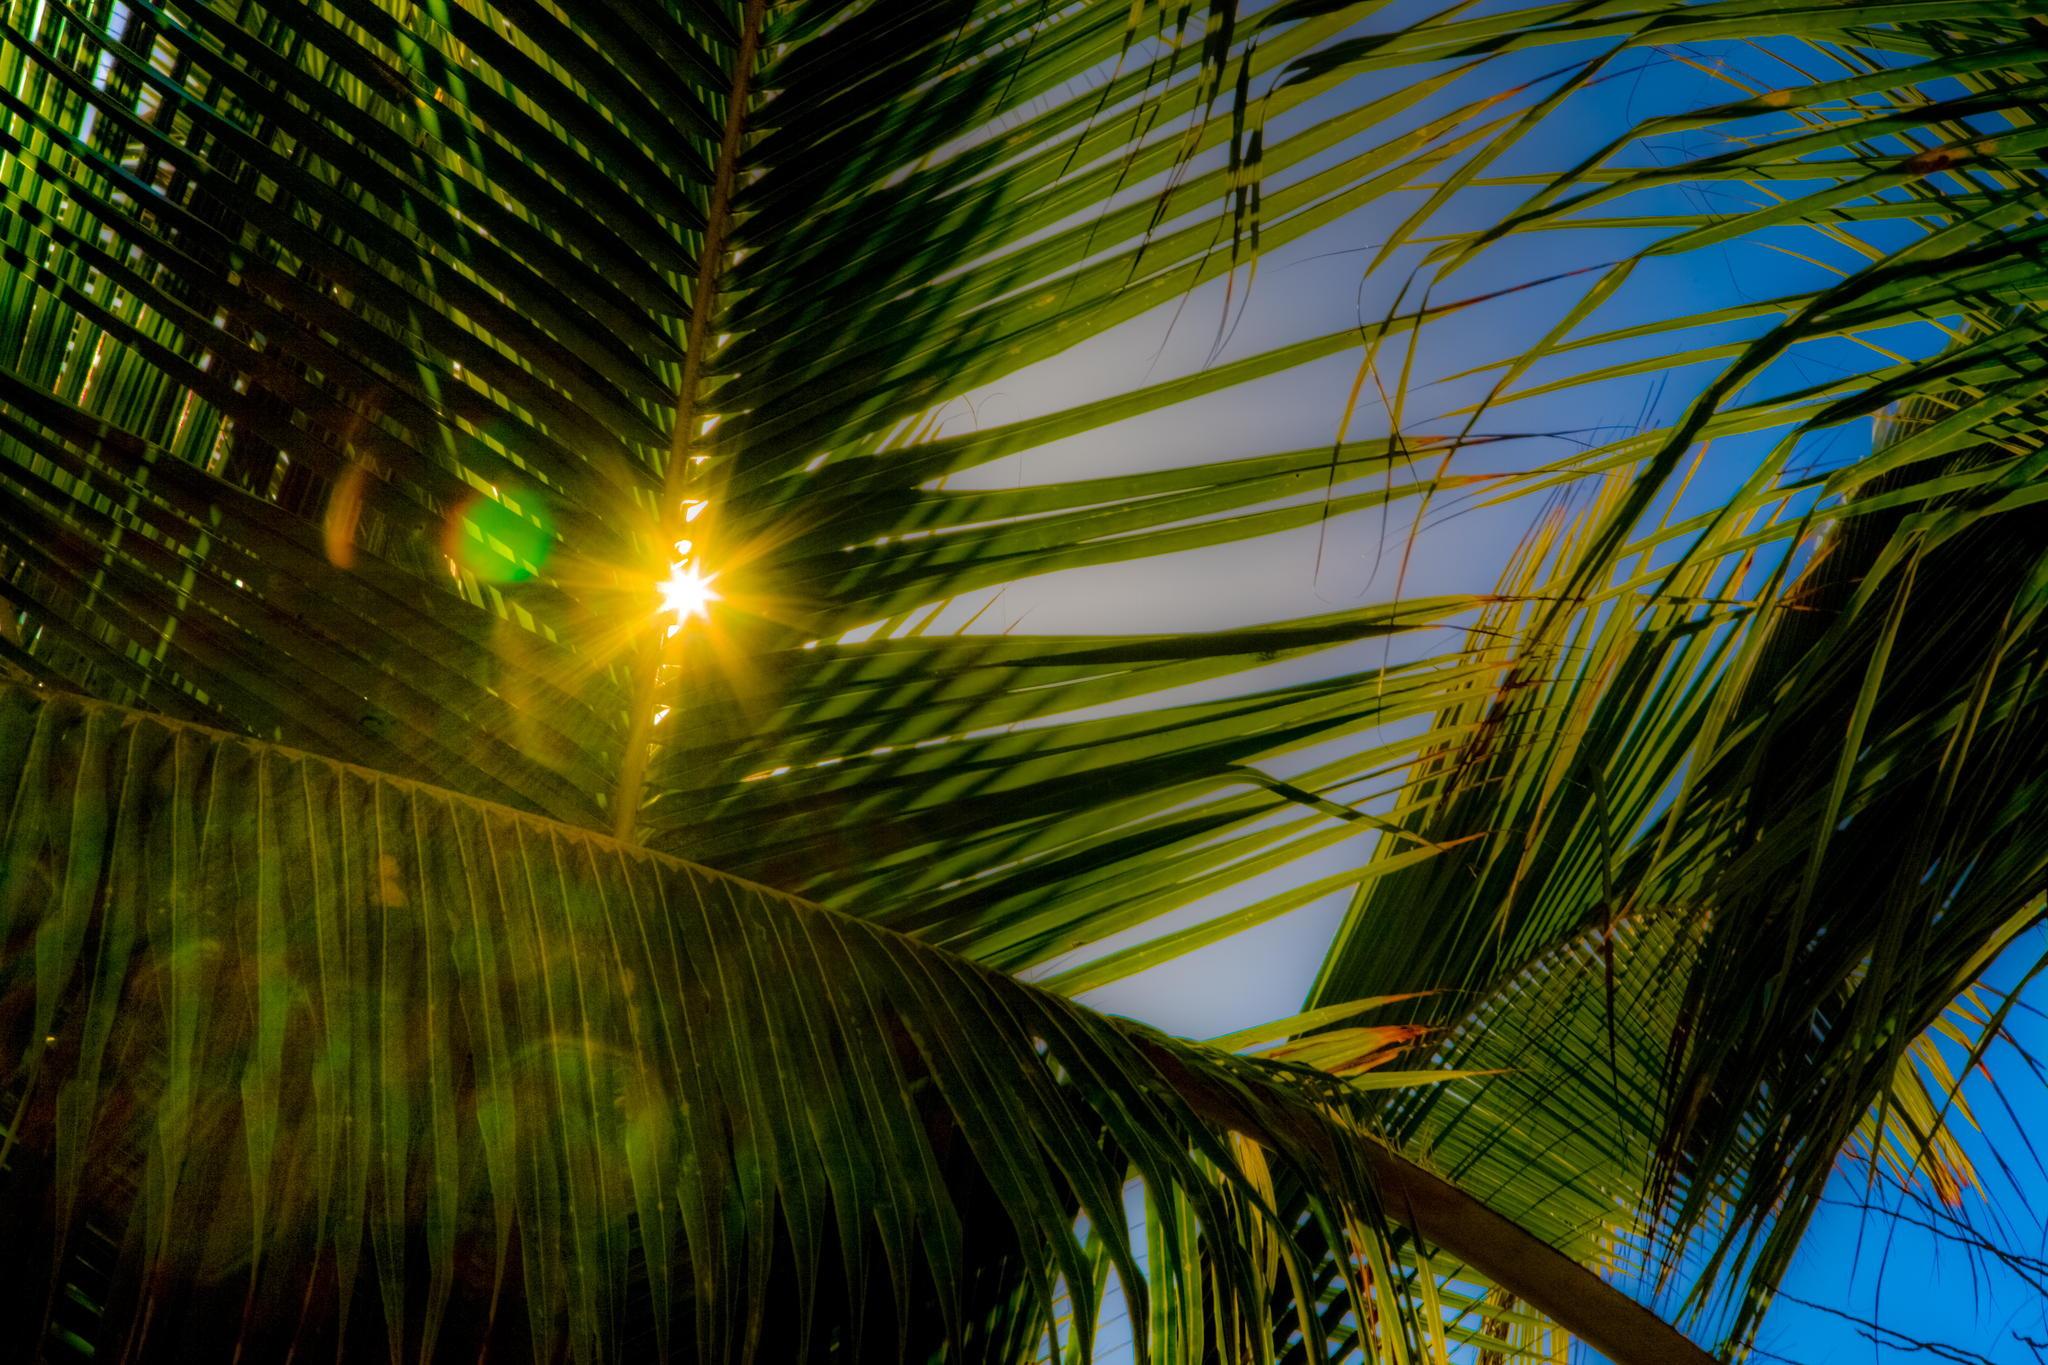 профессиональное фото море солнце ветка пальмы инструкции видеоролики